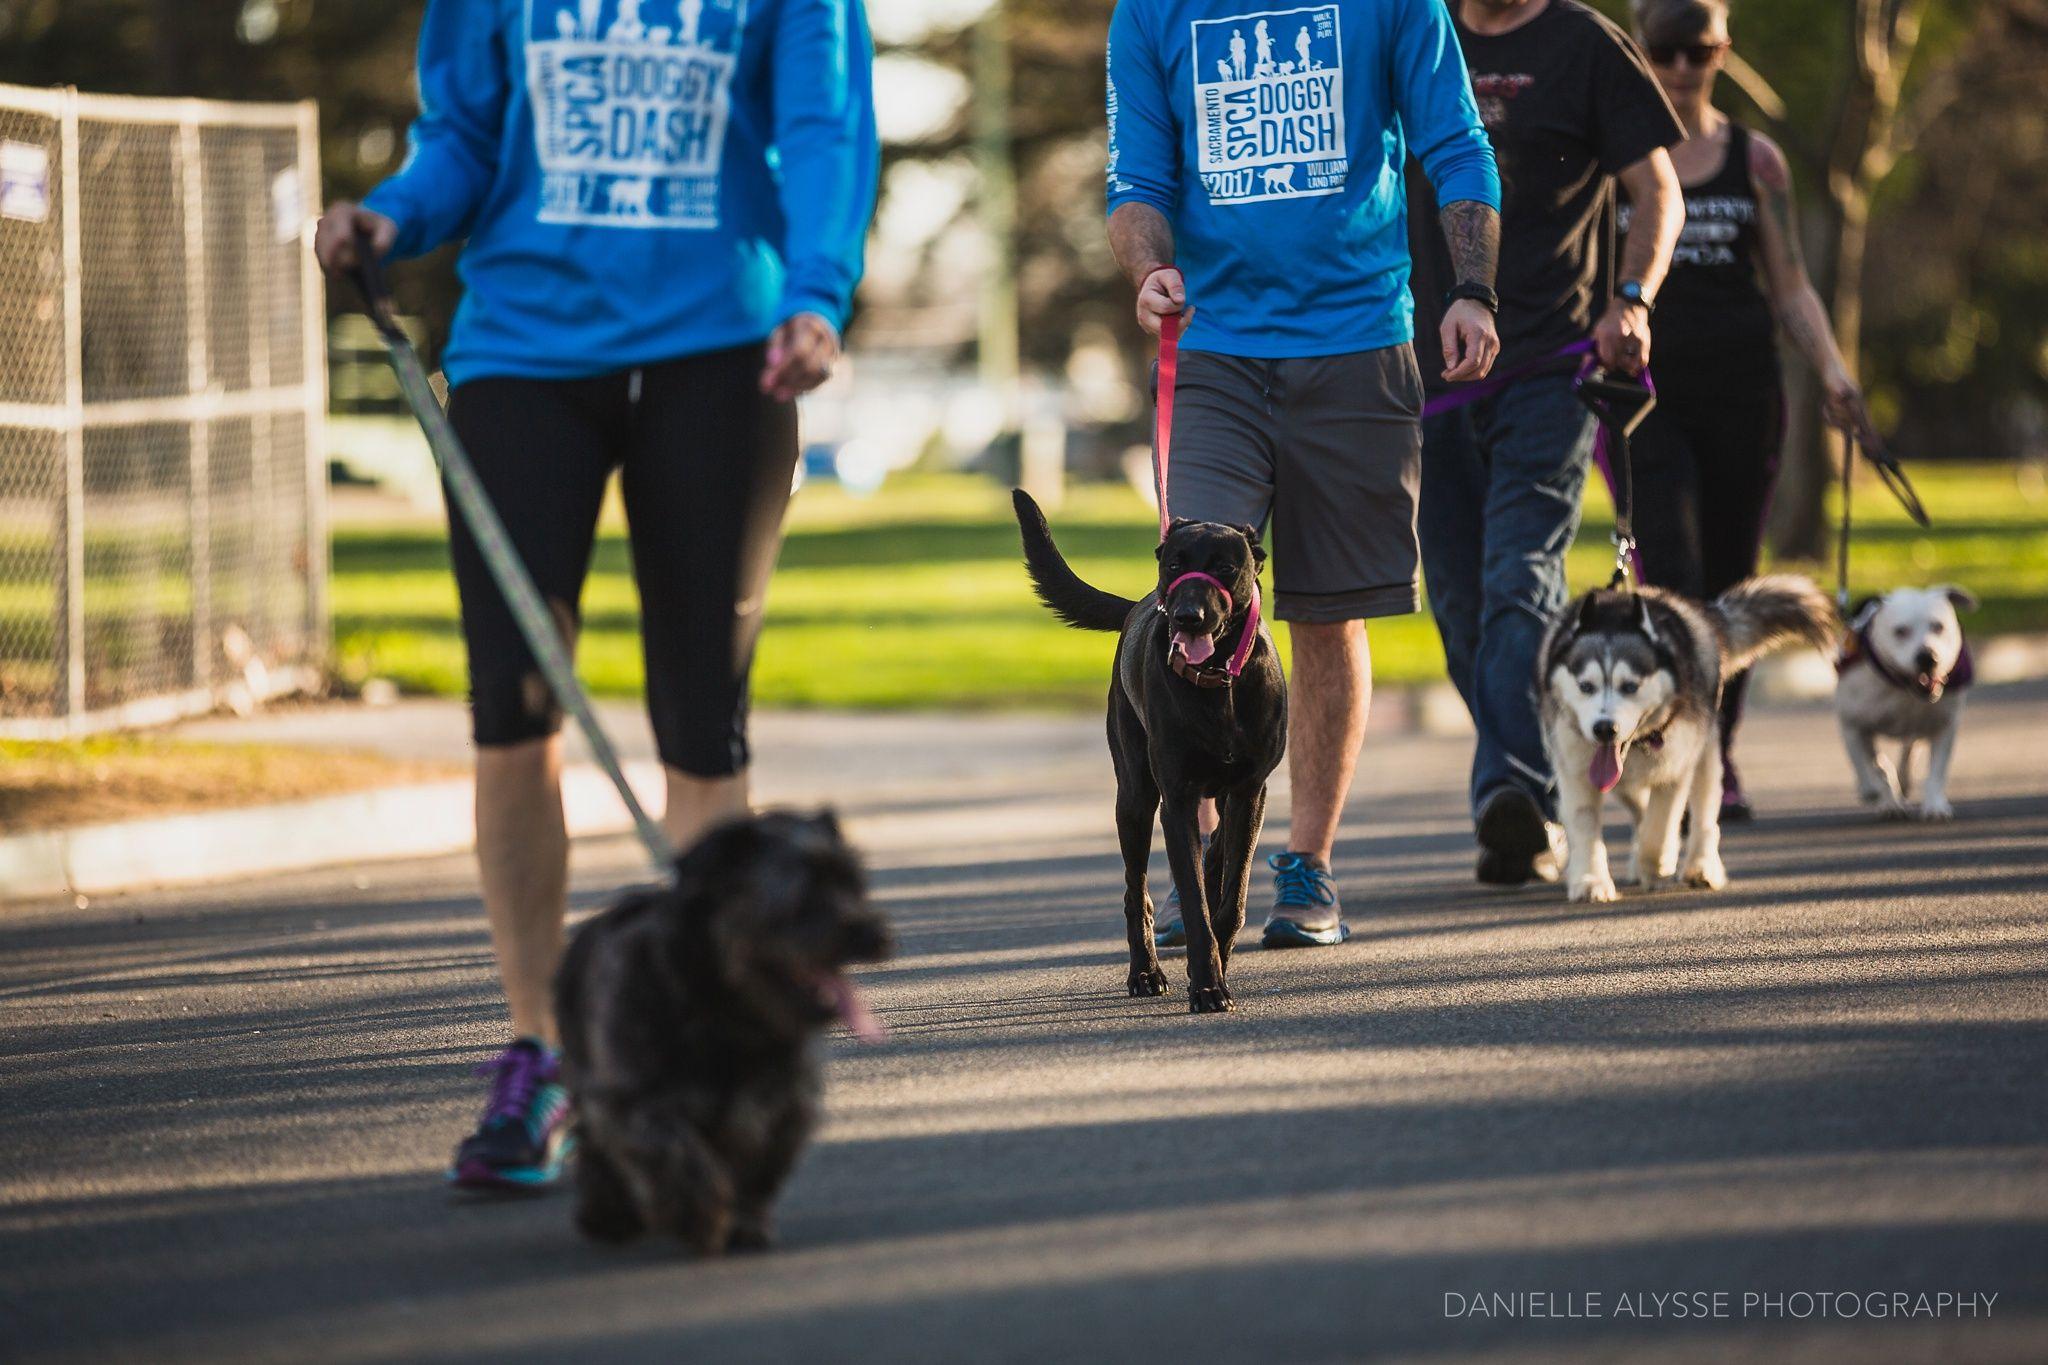 Register For The Sacramento Spca Doggy Dash And Help The Fur